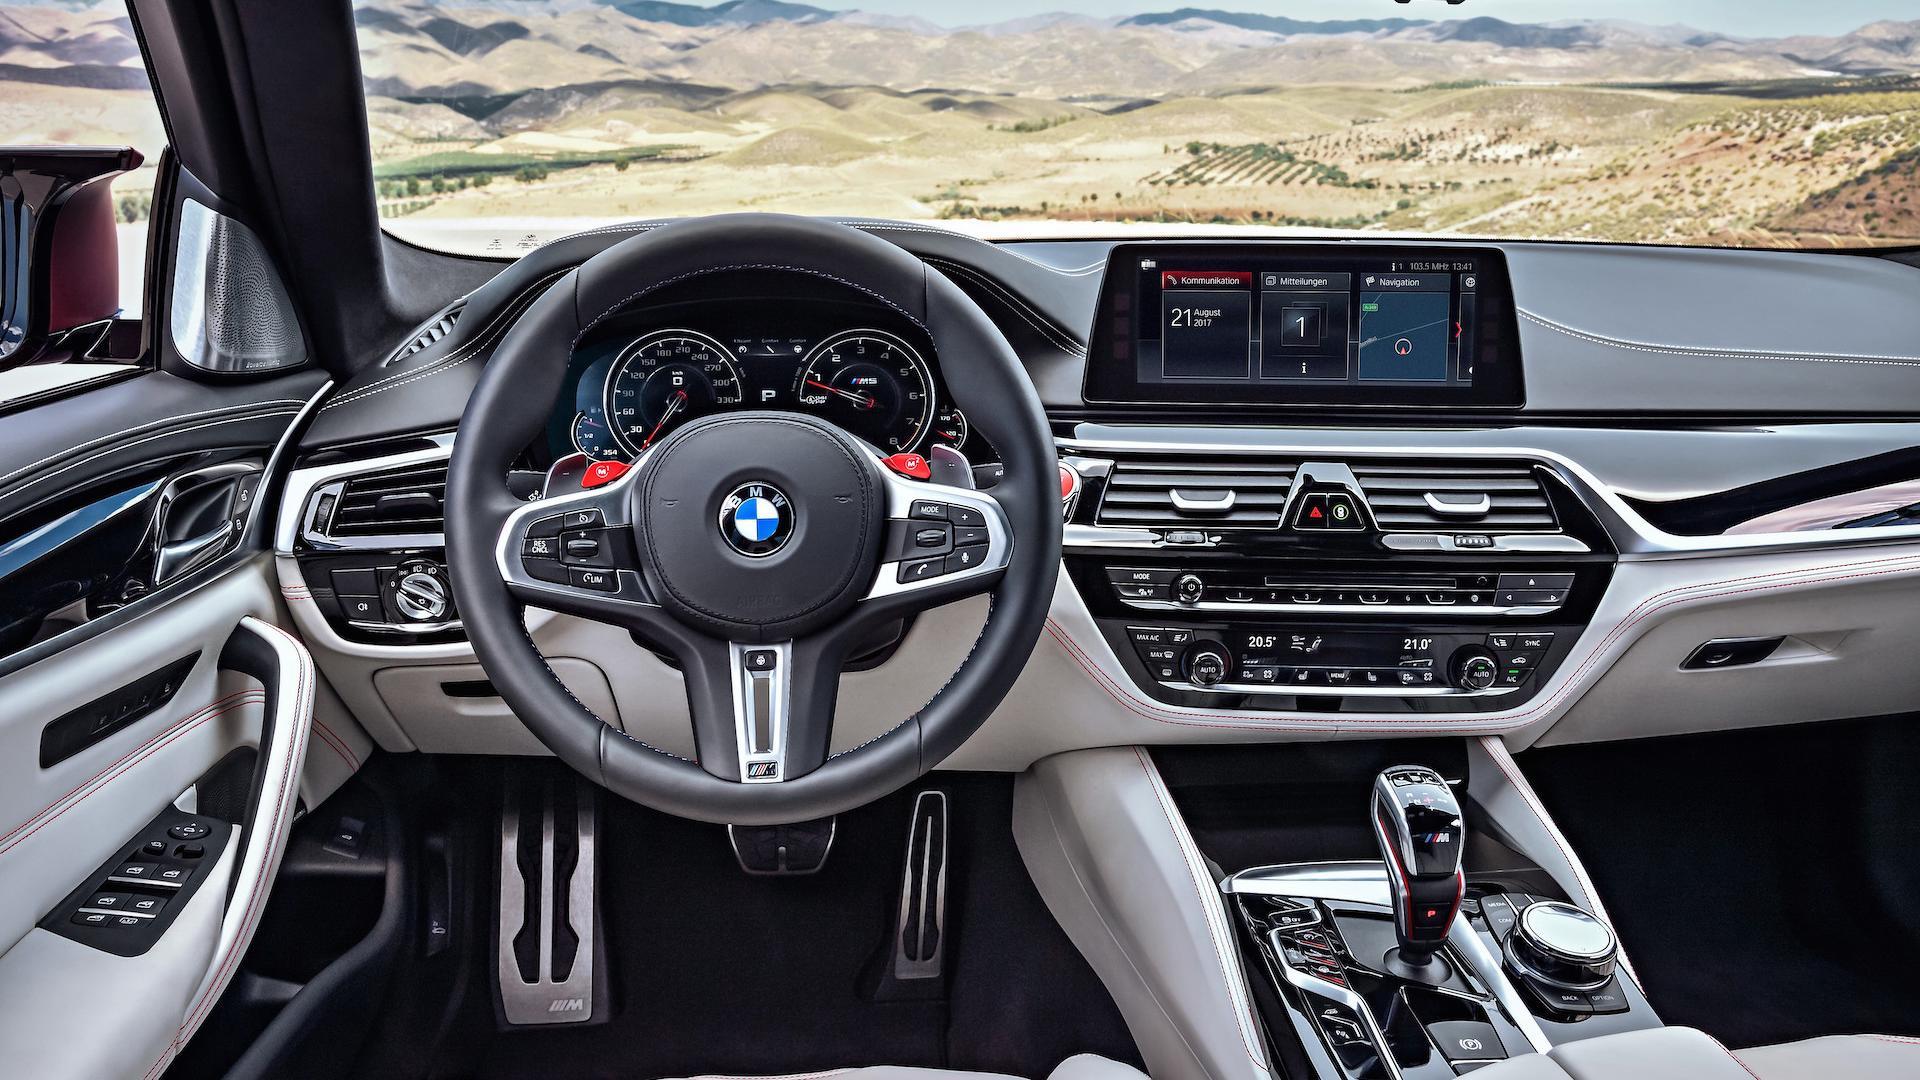 BMW M5 - Notranjost je poezija - volan pove prav vse!